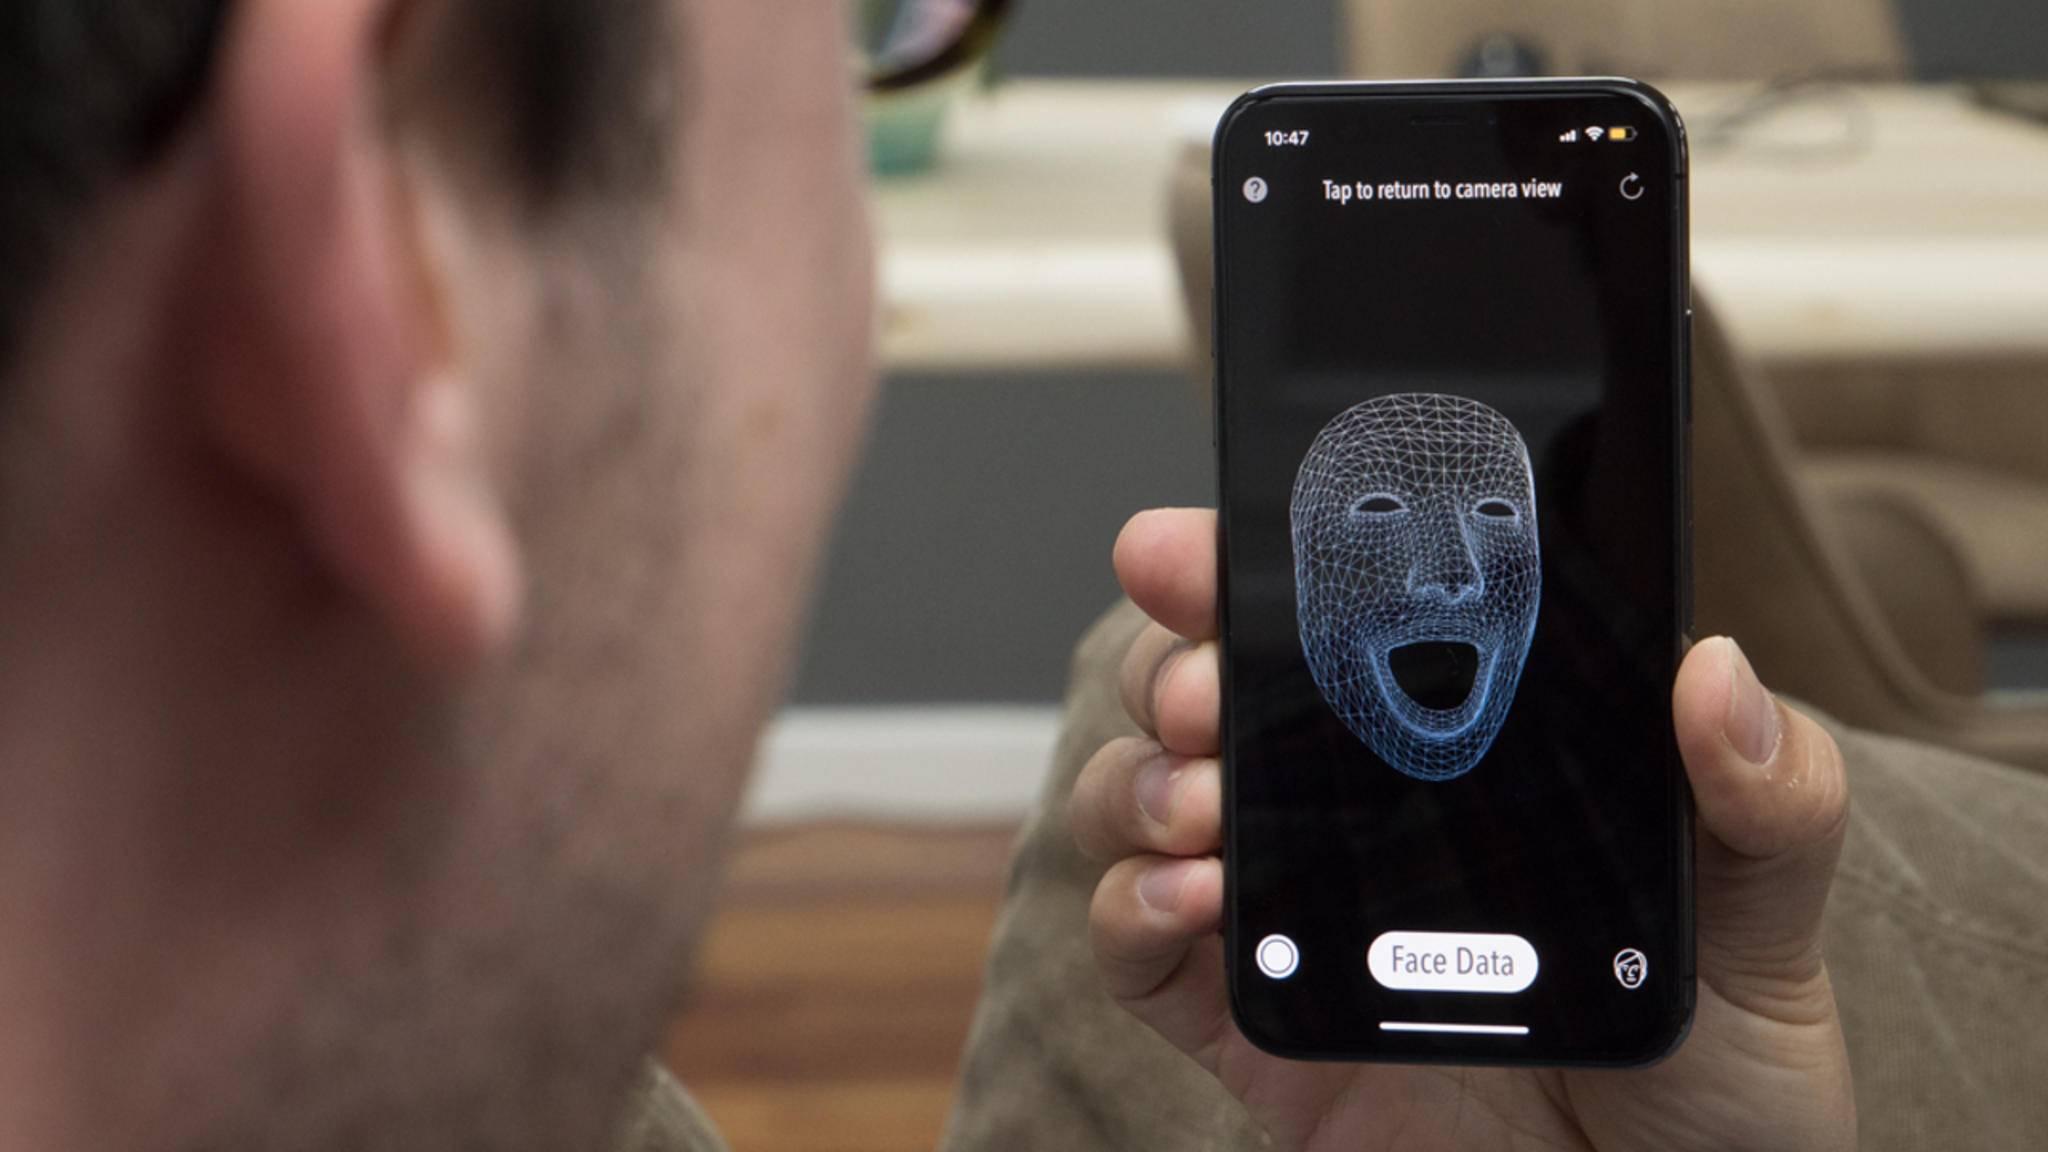 Ein Entwickler kündigte jetzt eine App an, die das Gesicht unsichtbar werden lässt.